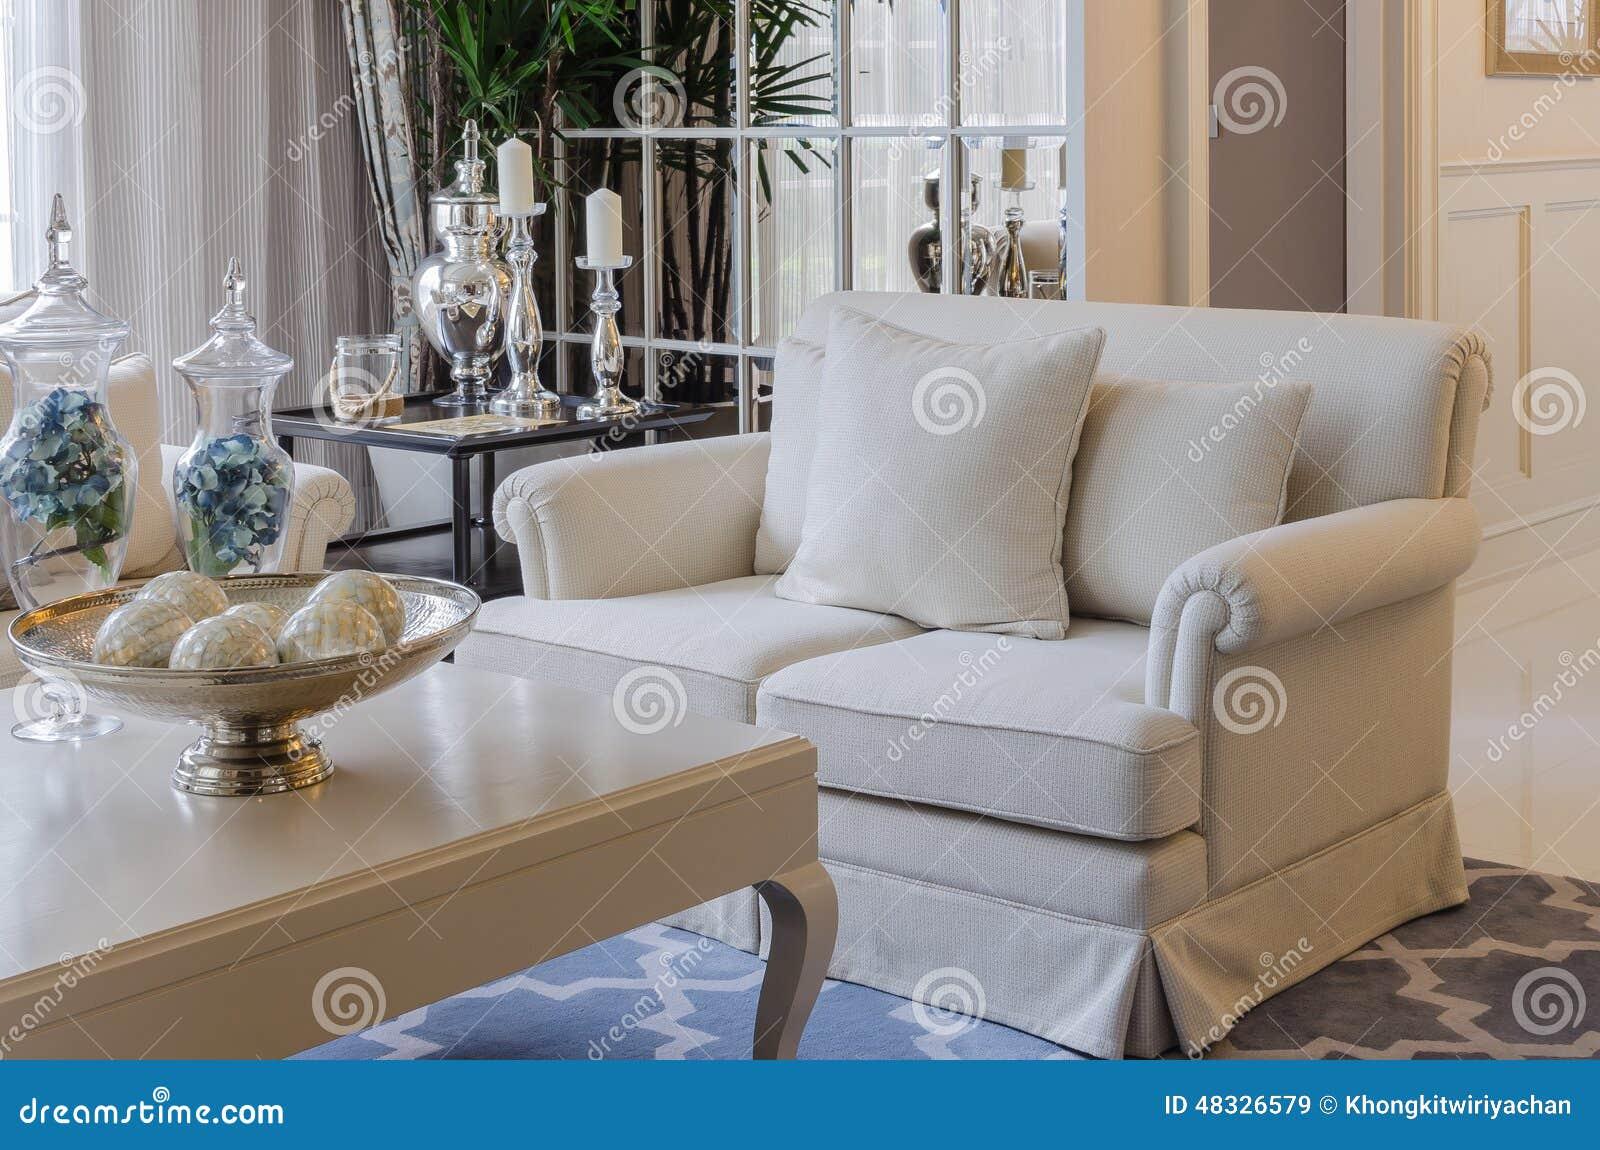 Luxuty-Wohnzimmer Mit Beige Sofa Stockbild - Bild von luxus ...